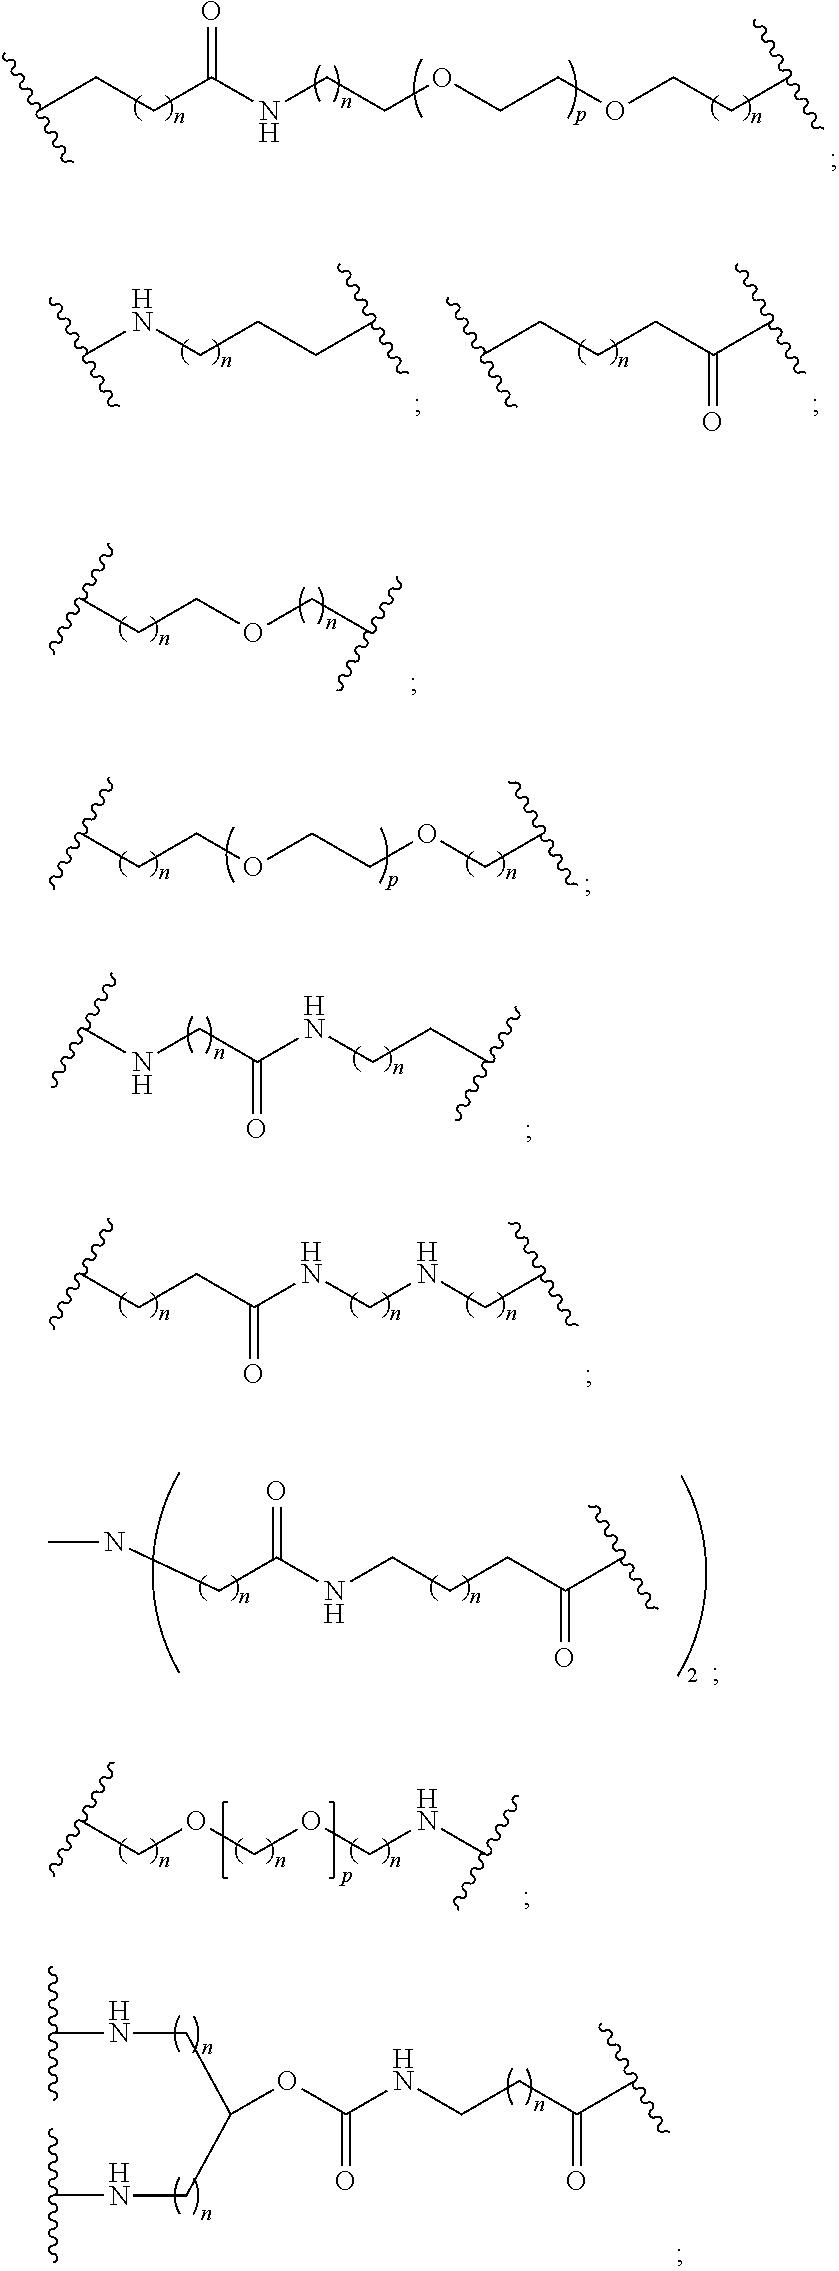 Figure US09957504-20180501-C00072